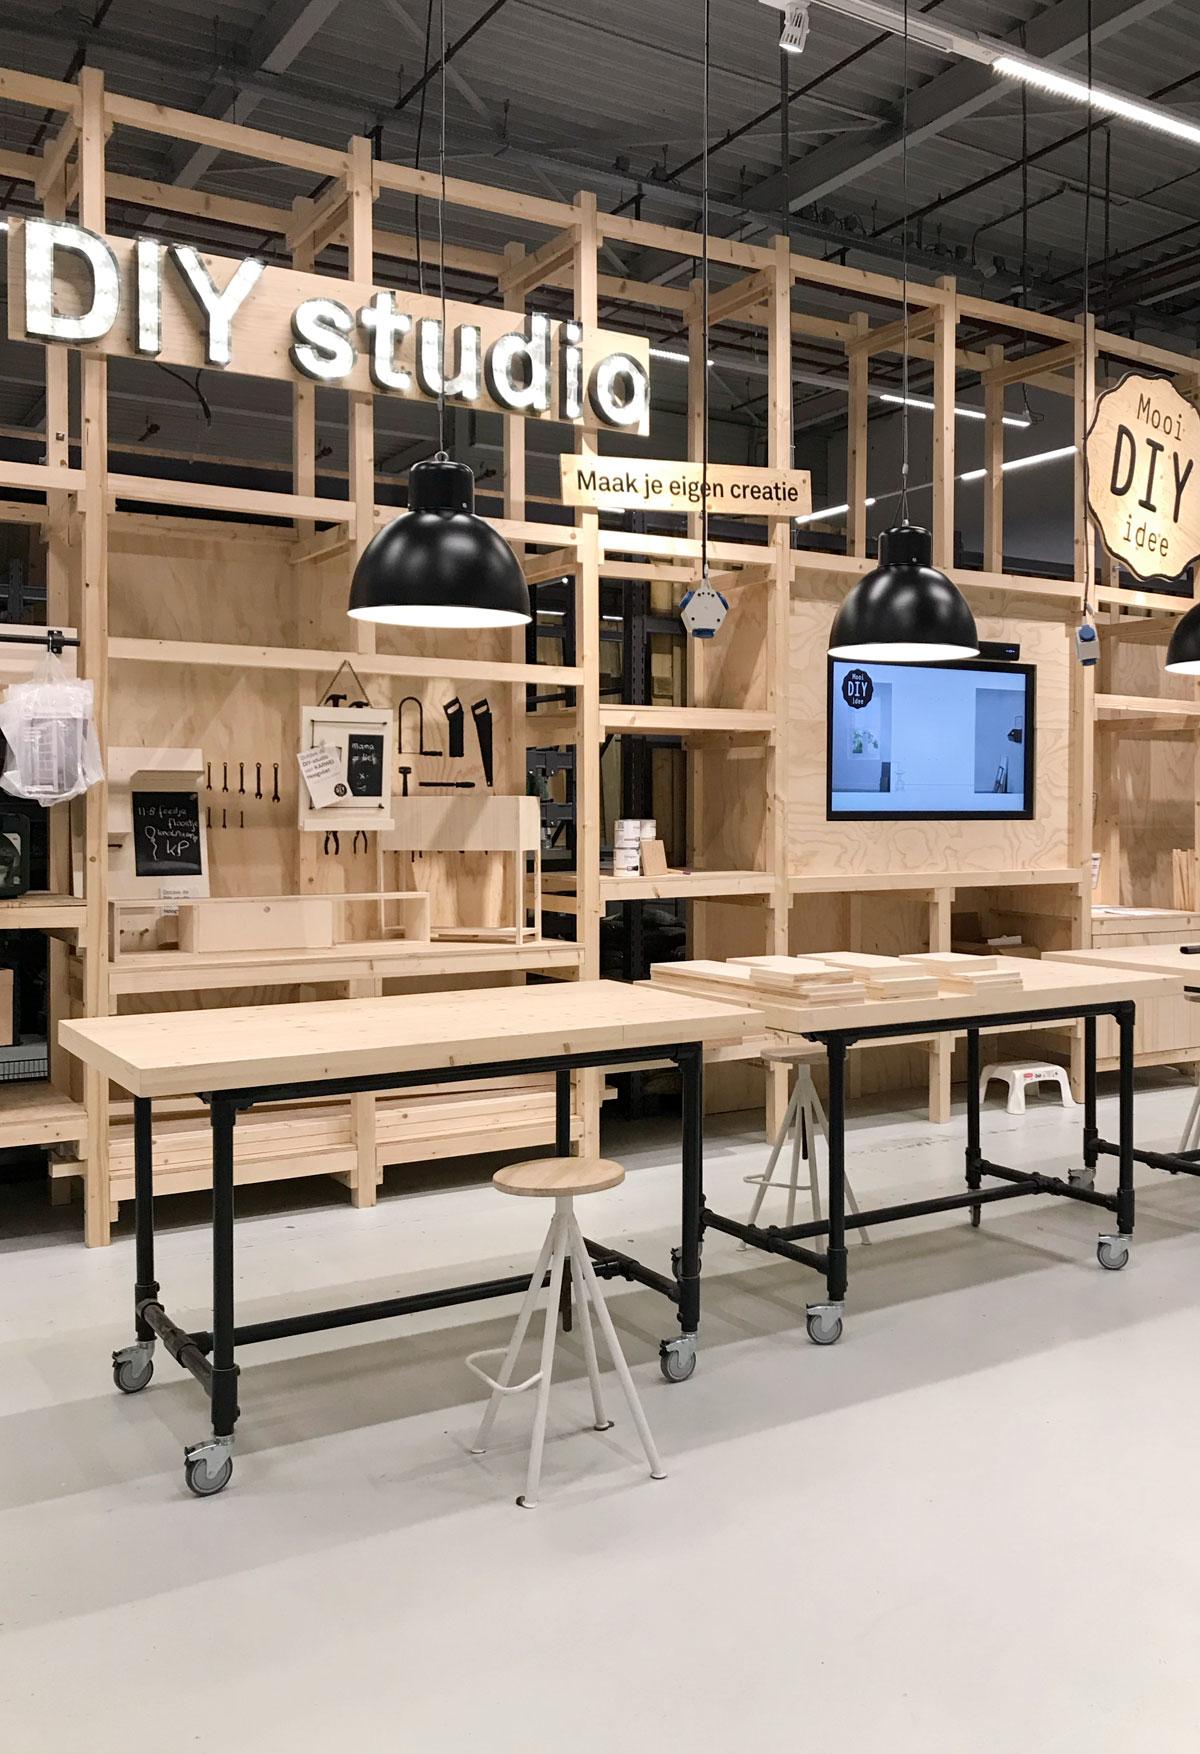 KARWEI Hoogvliet DIY studio - Tanja van Hoogdalem